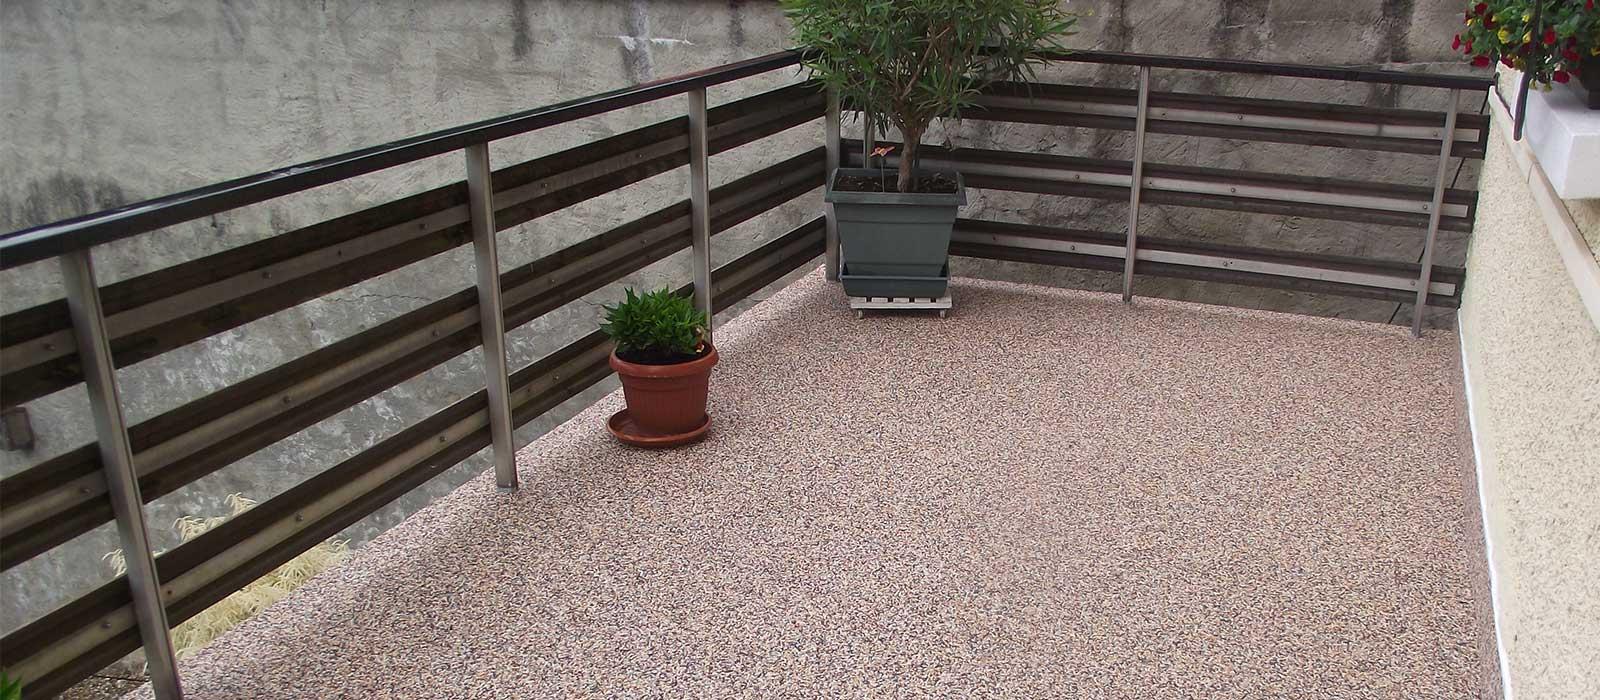 02_terrasse-nachher